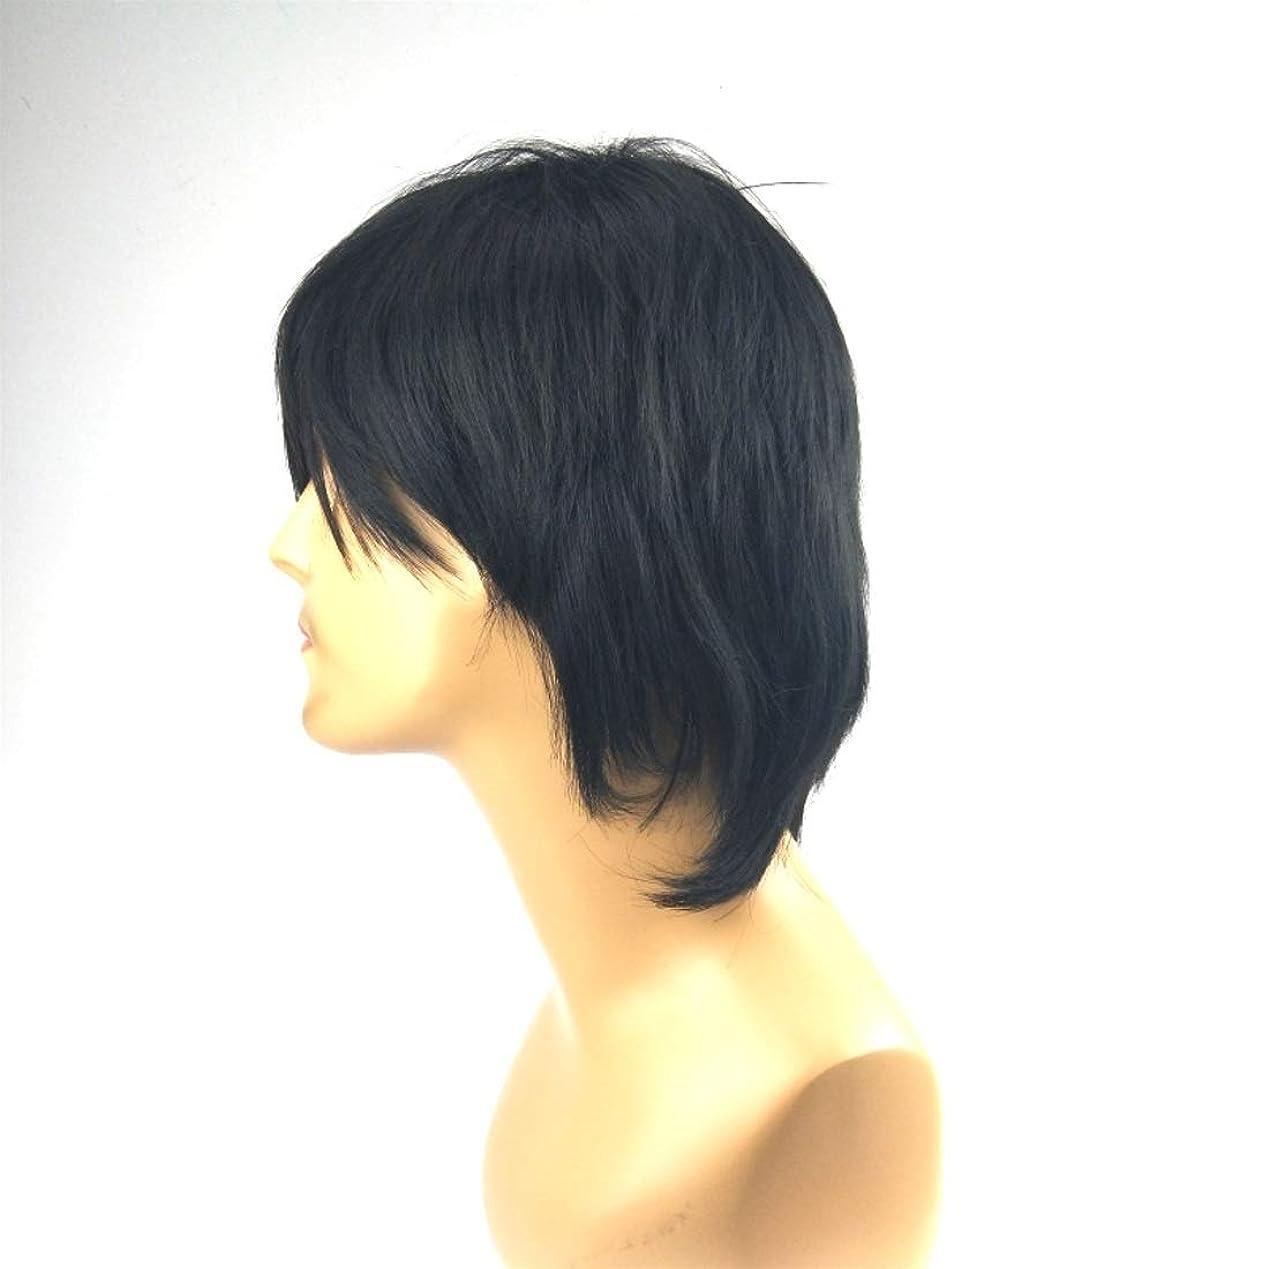 聖歌メディア大脳Summerys 斜め前髪付きメンズショートストレートヘアシルクケミカルファイバーウィッグ